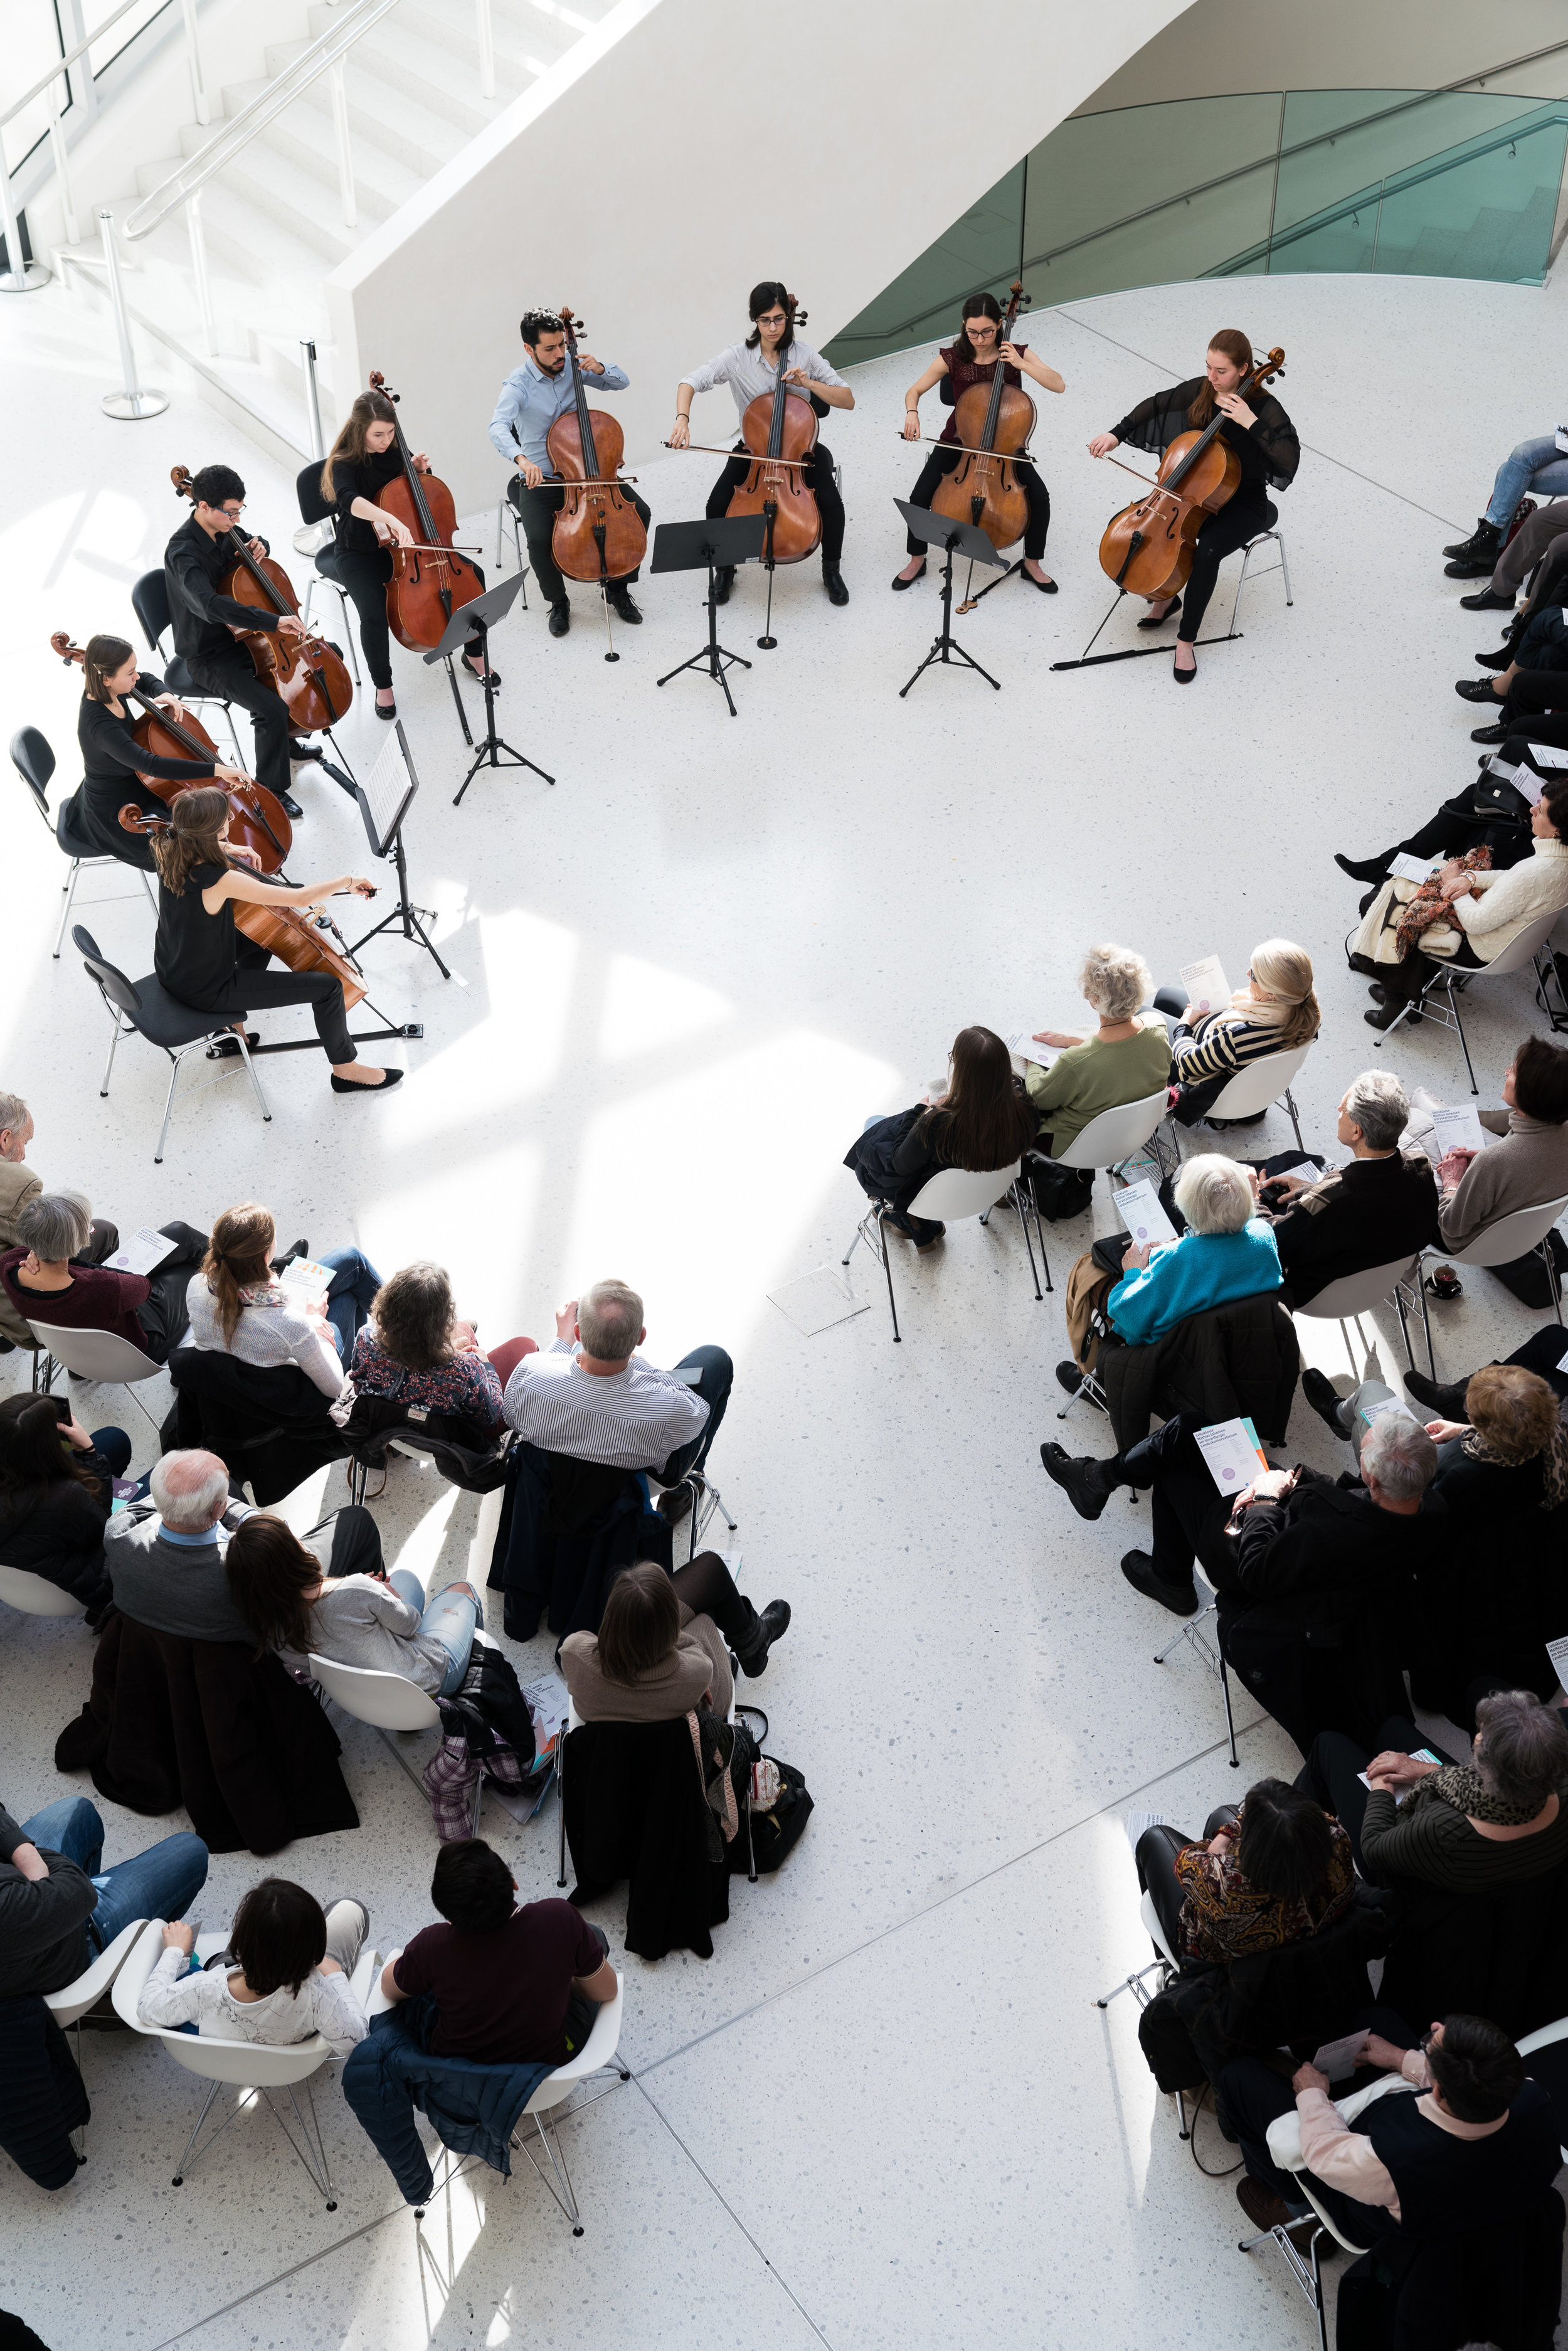 Konzert am Mittag - Cello20180206_031-036.jpg